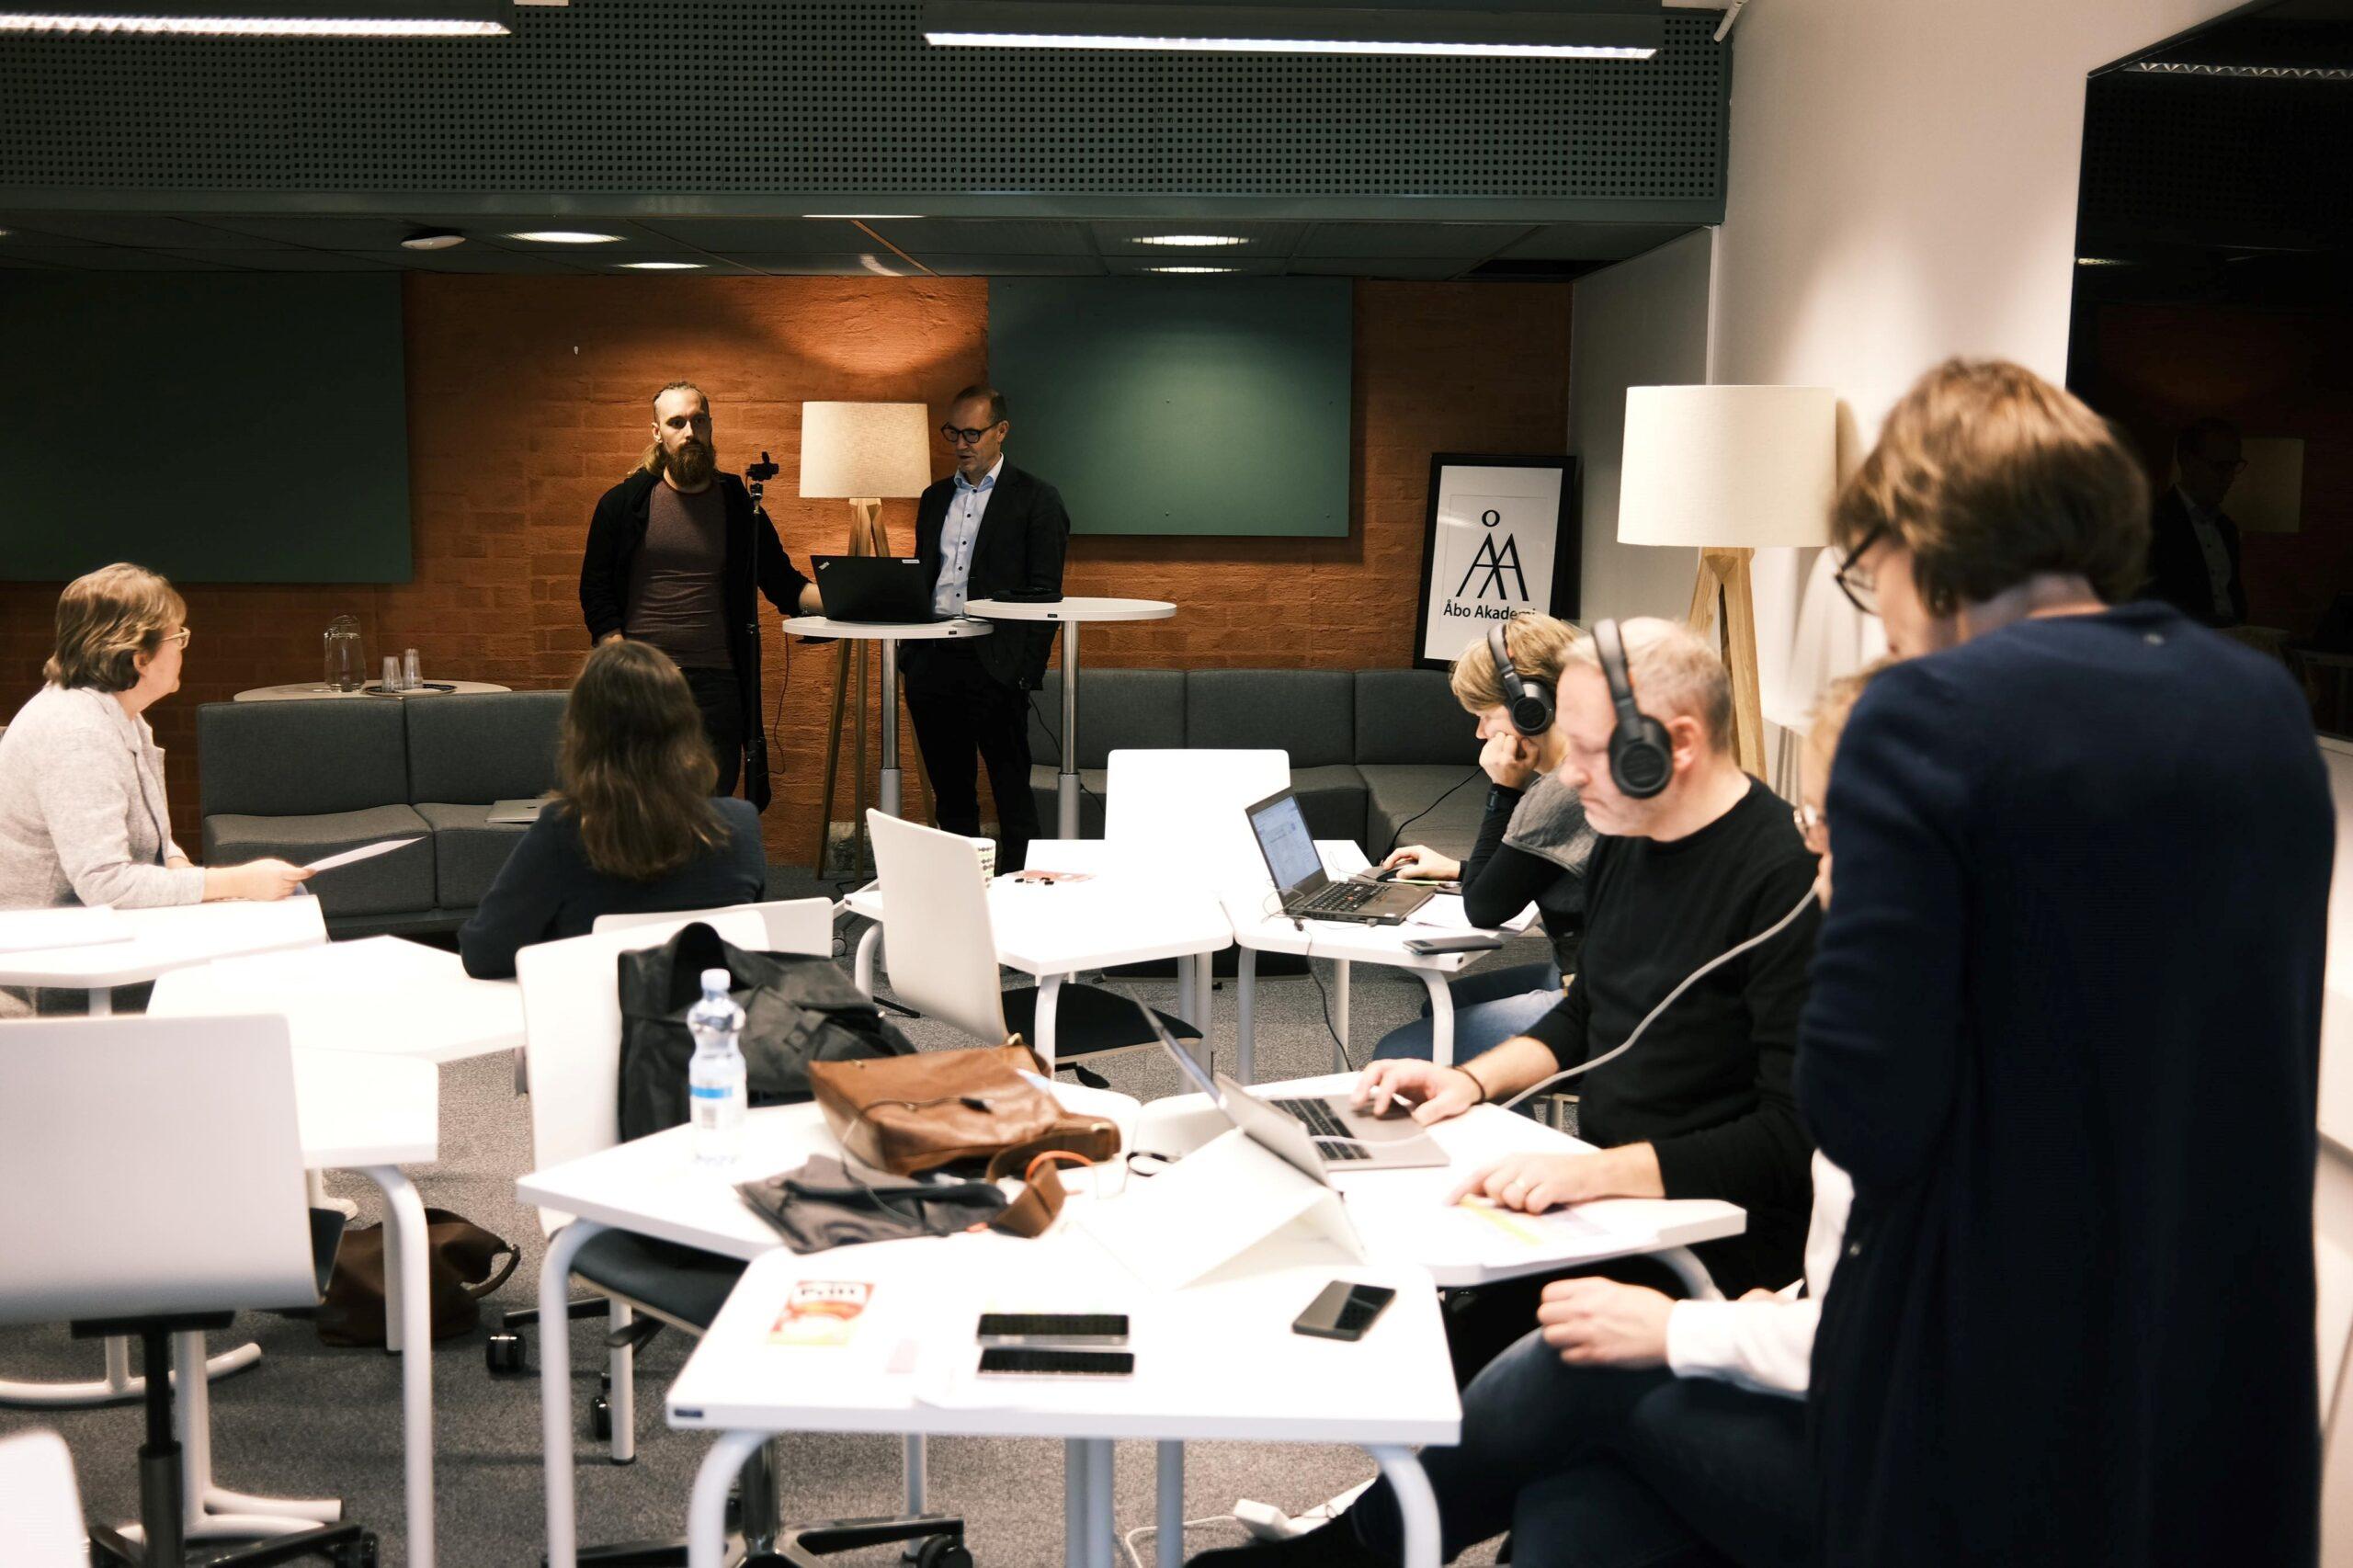 Bild av då dekanus Fritjof Sahlström öppnar evenemanget med en välkomsthälsning och hela sändningsteamet jobbar fokuserat.